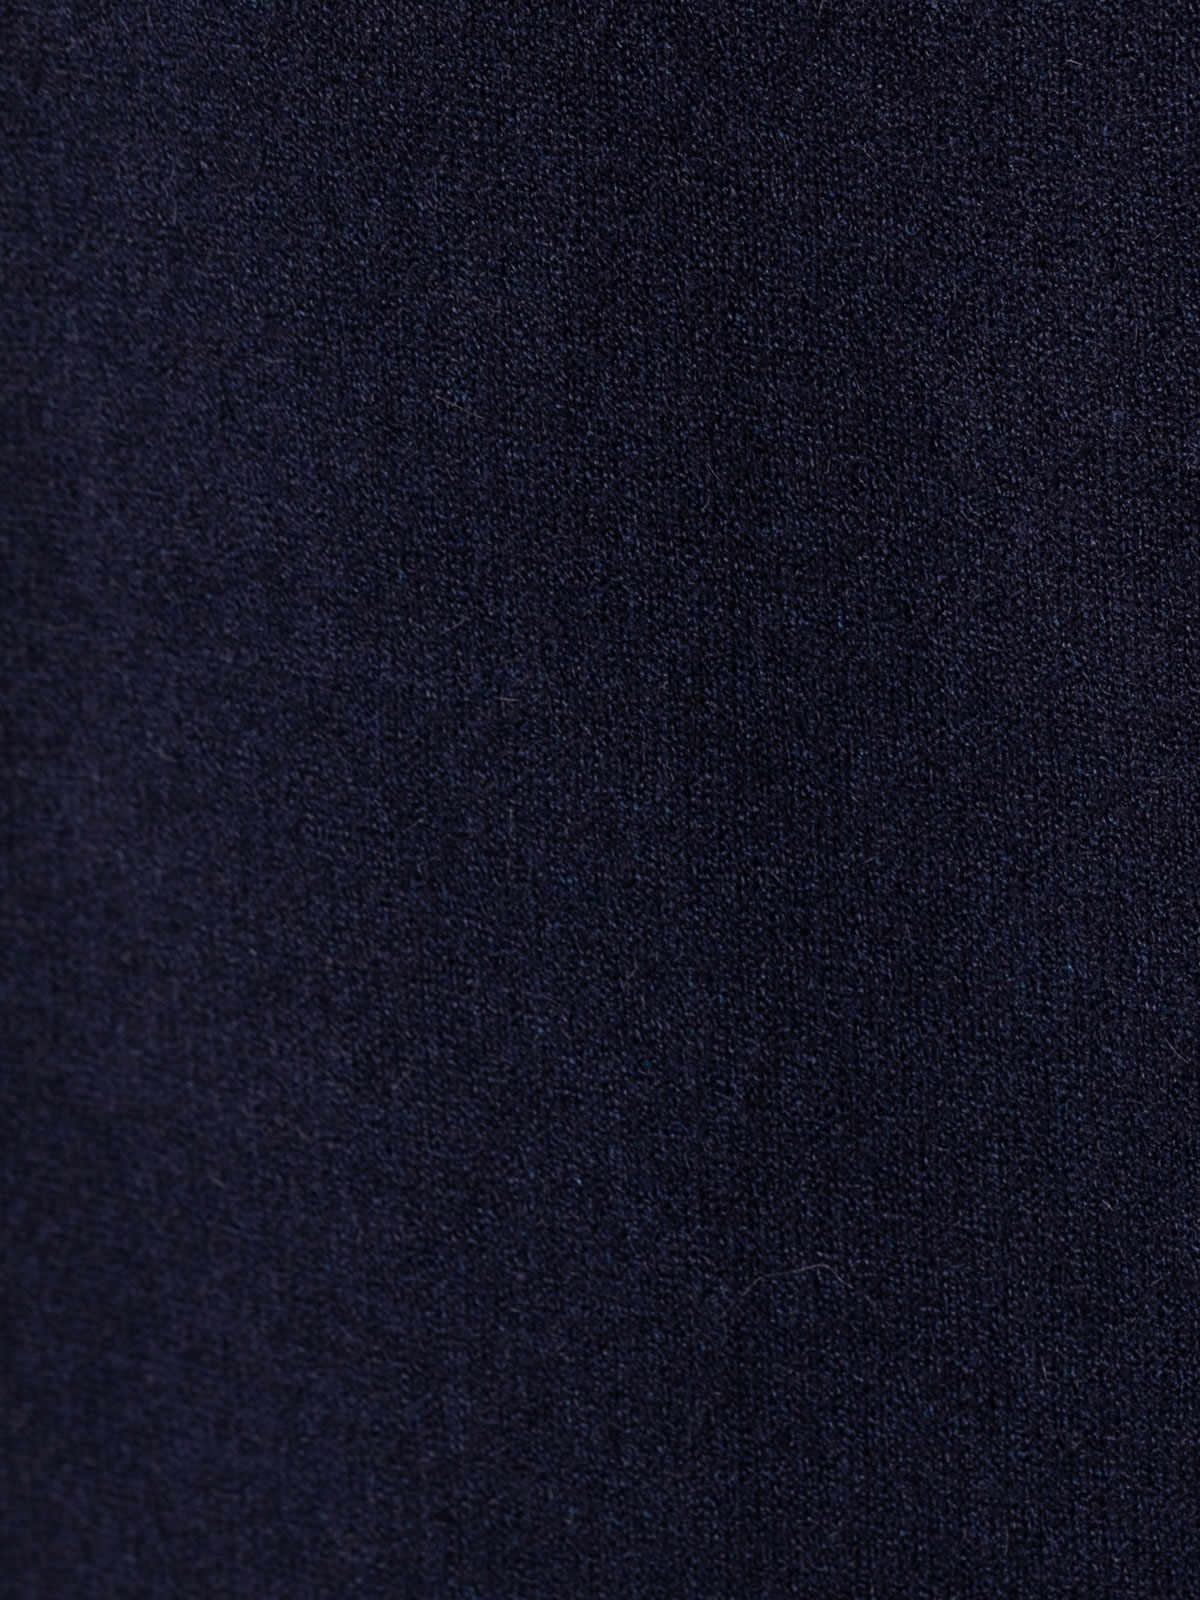 Chaqueta punto mujer larga bolsillos Azul Marino